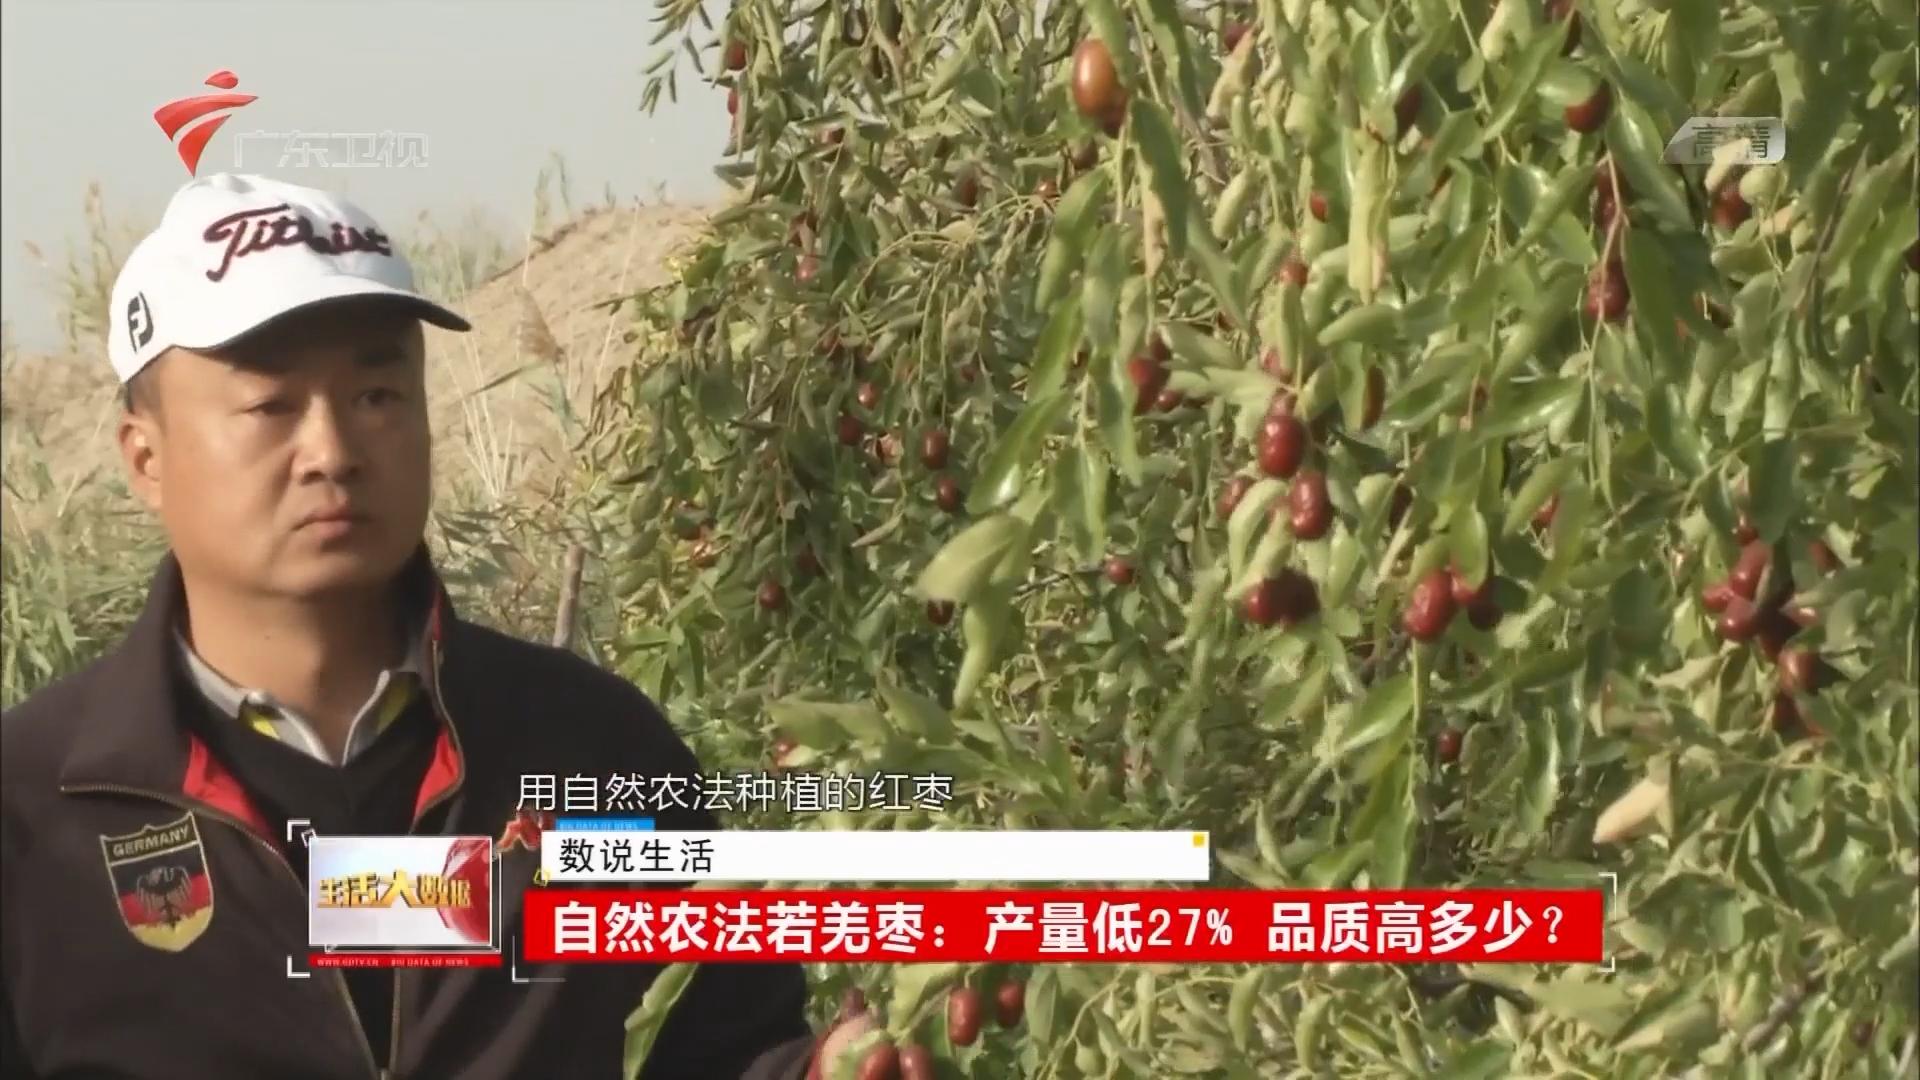 自然农法若羌枣:产量低27% 品质高多少?